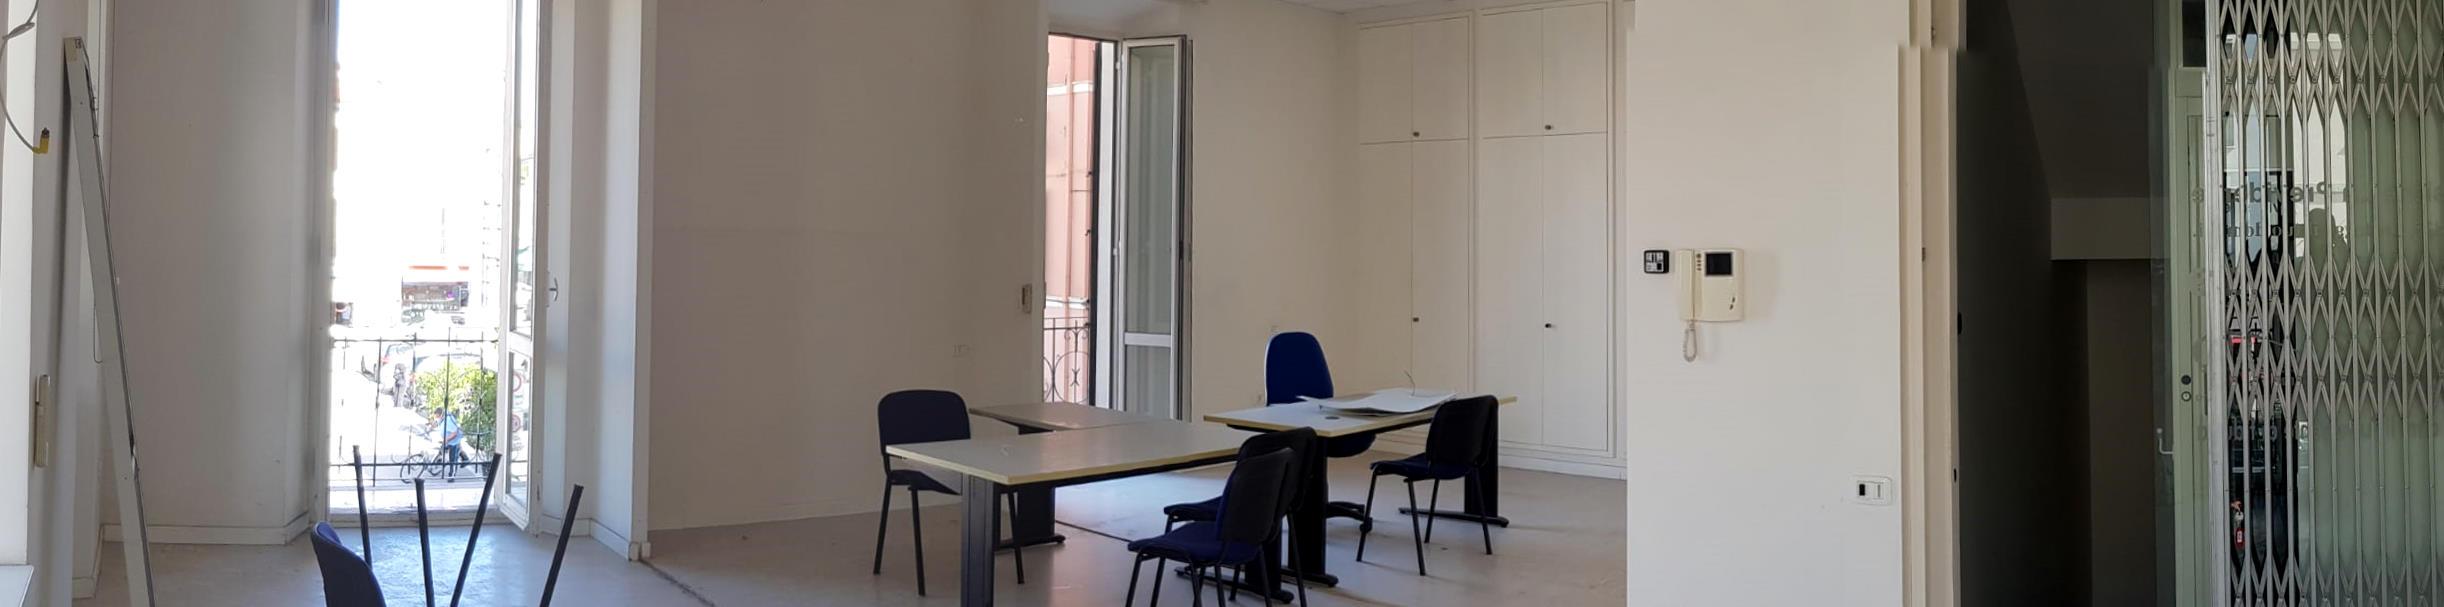 Appartamento in pieno centro a San Benedetto del Tronto (AP)